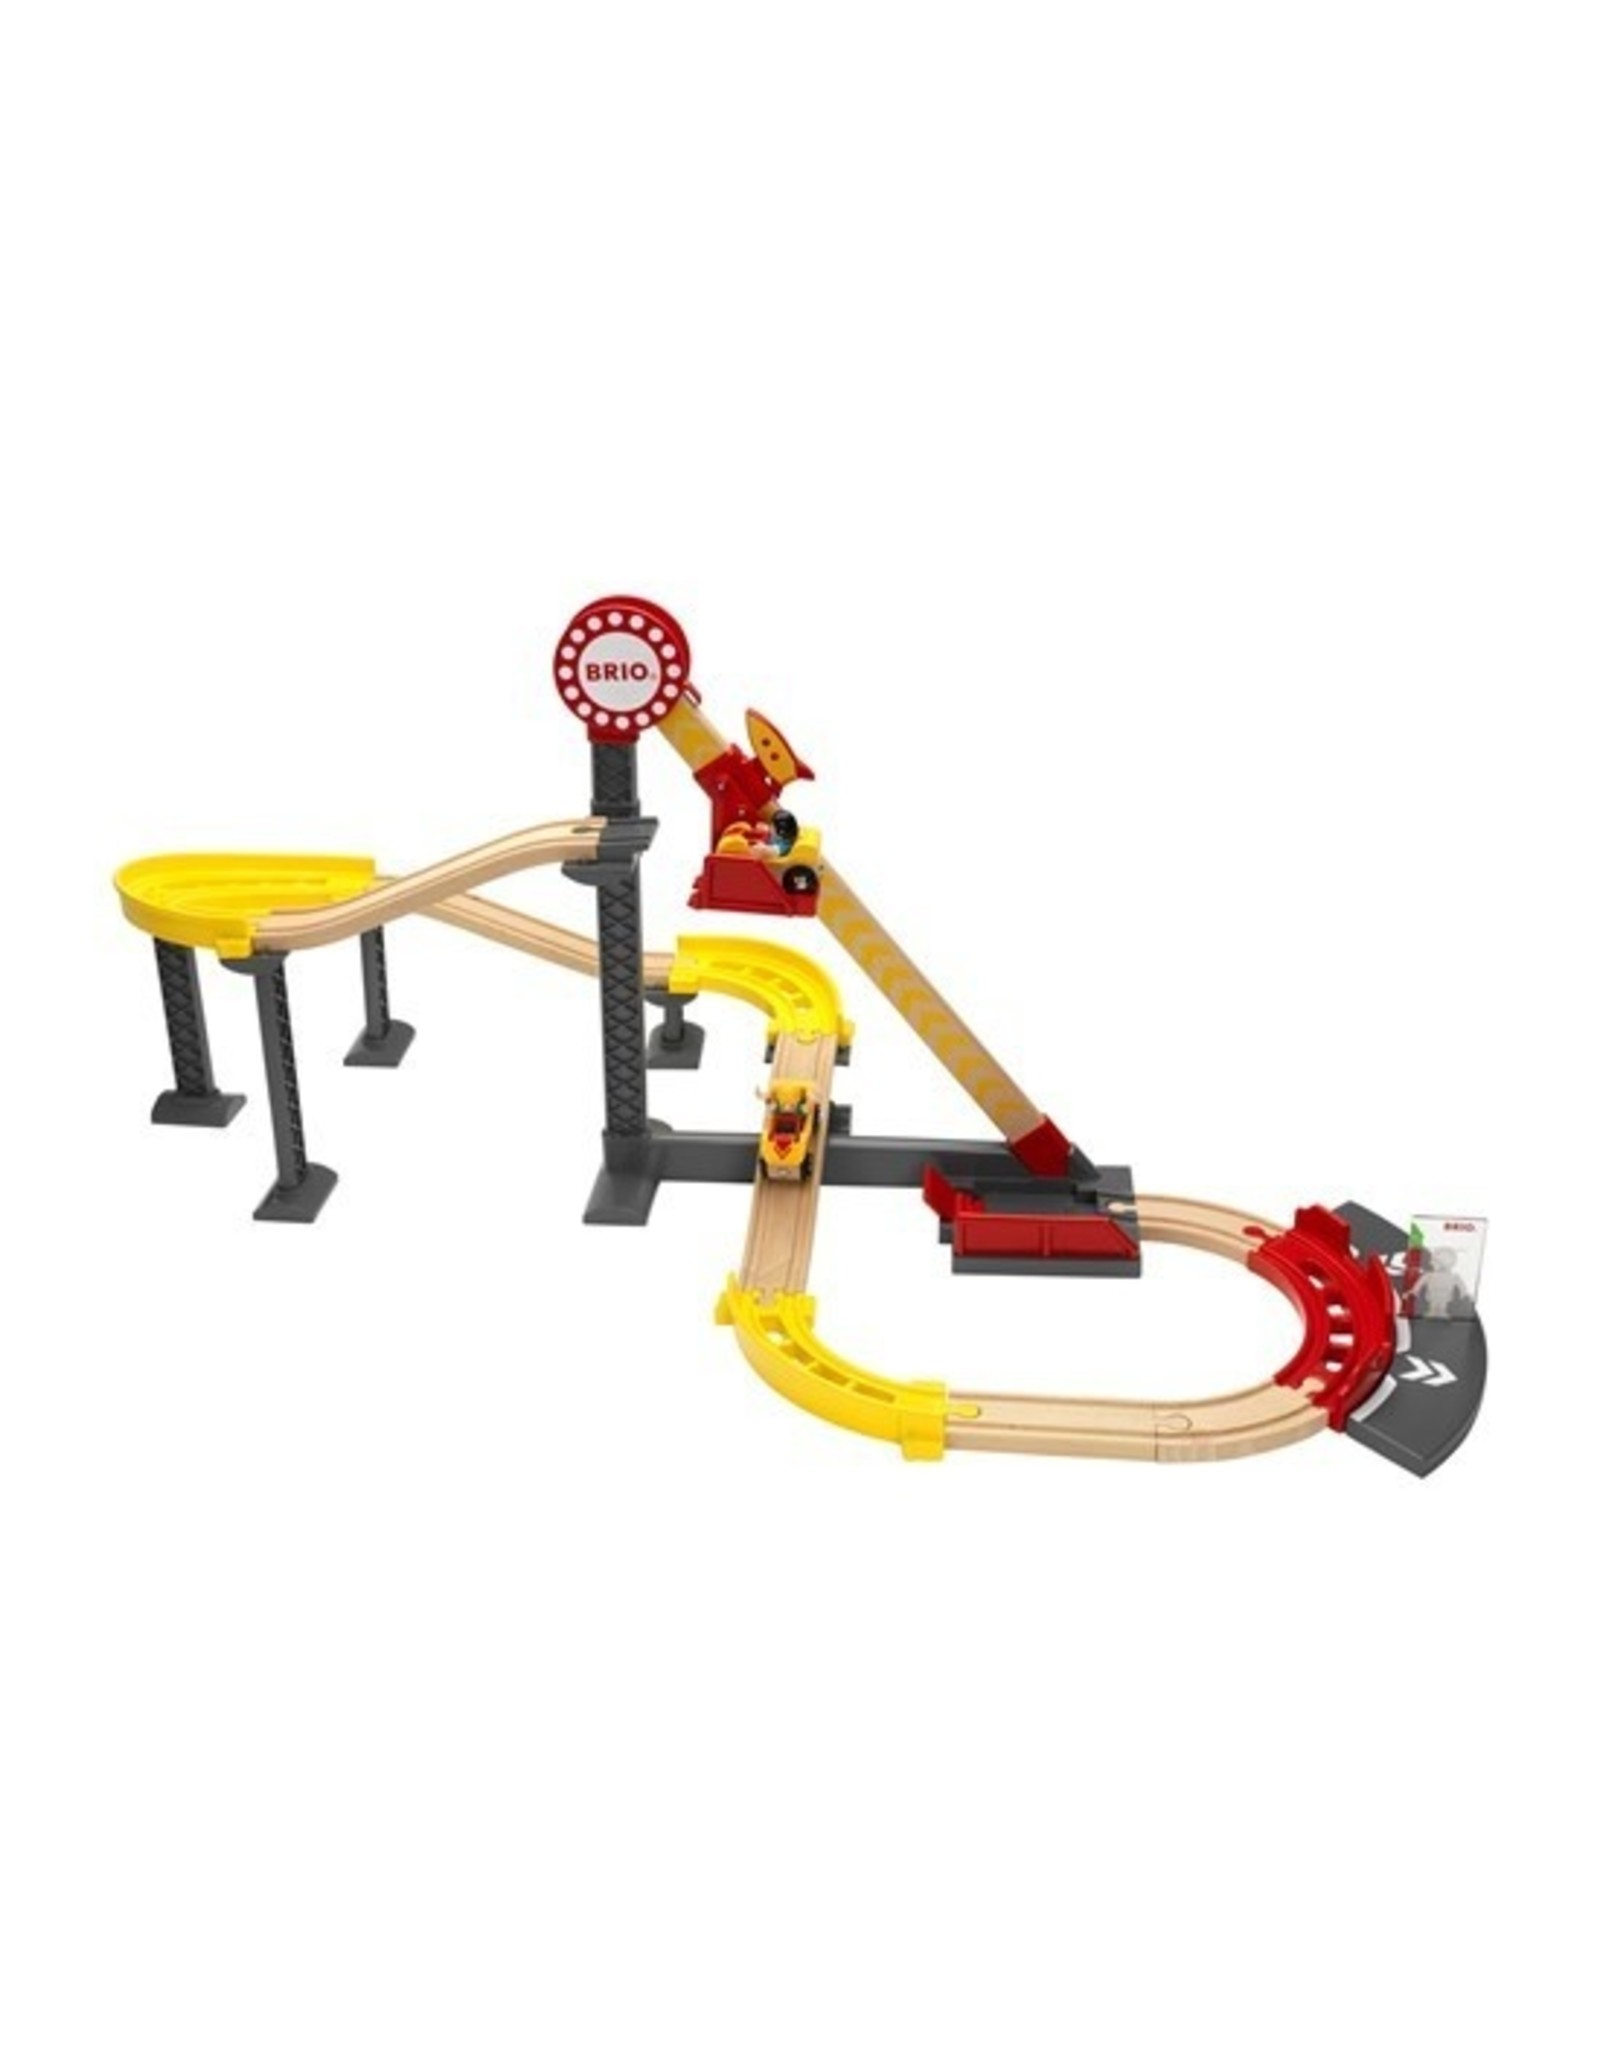 Brio Roller Coaster Set